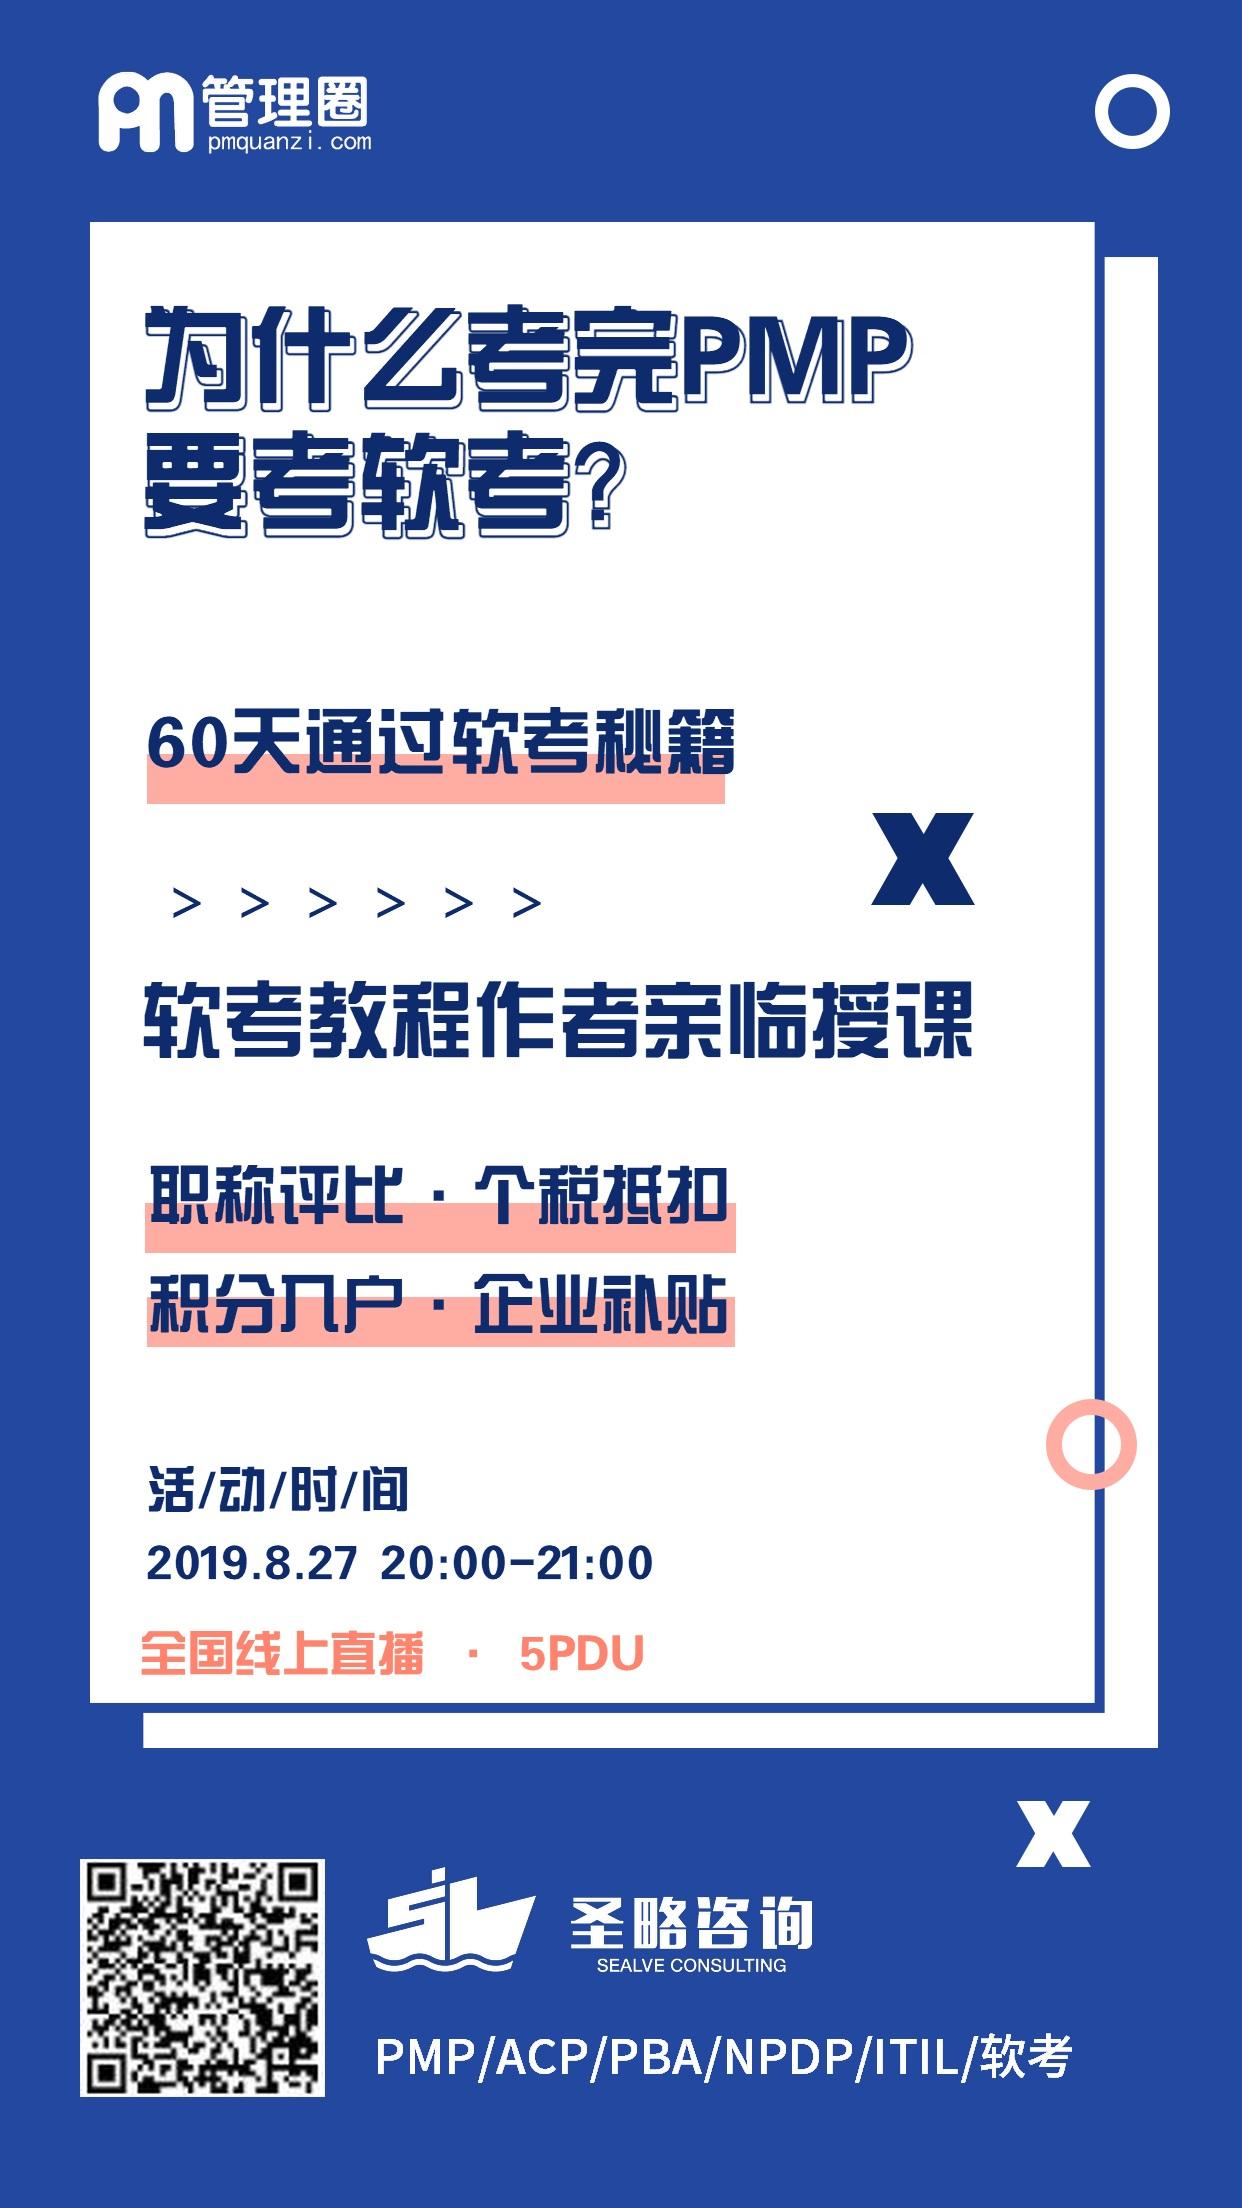 20190822-软考说明会海报.jpg